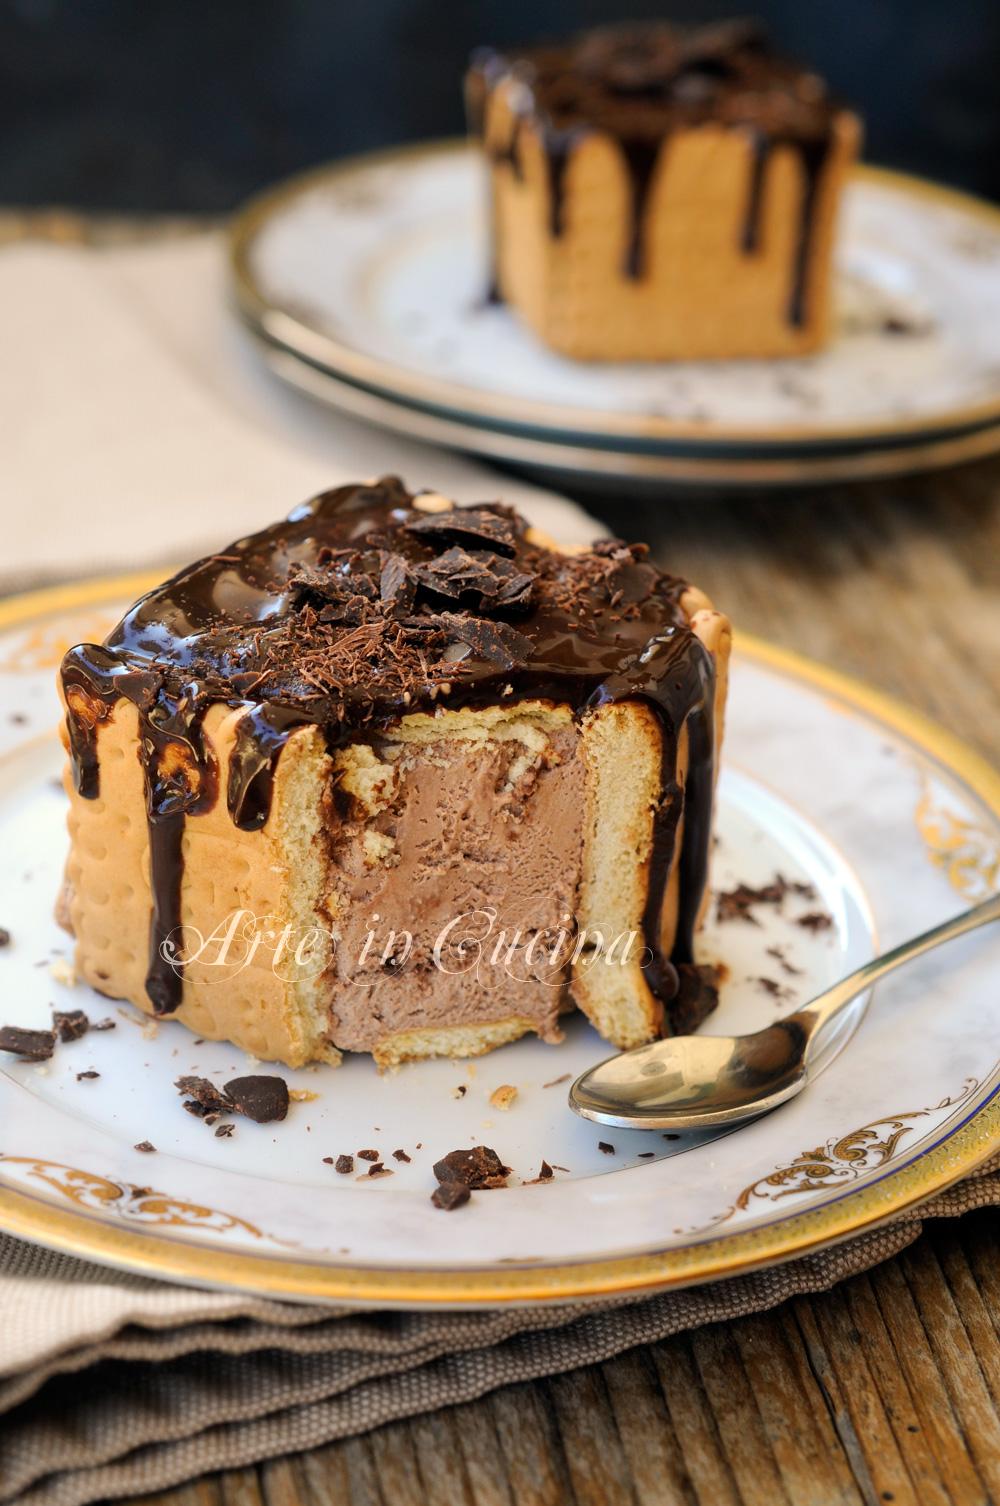 Mini charlotte al cioccolato ricetta sfiziosa vickyart arte in cucina